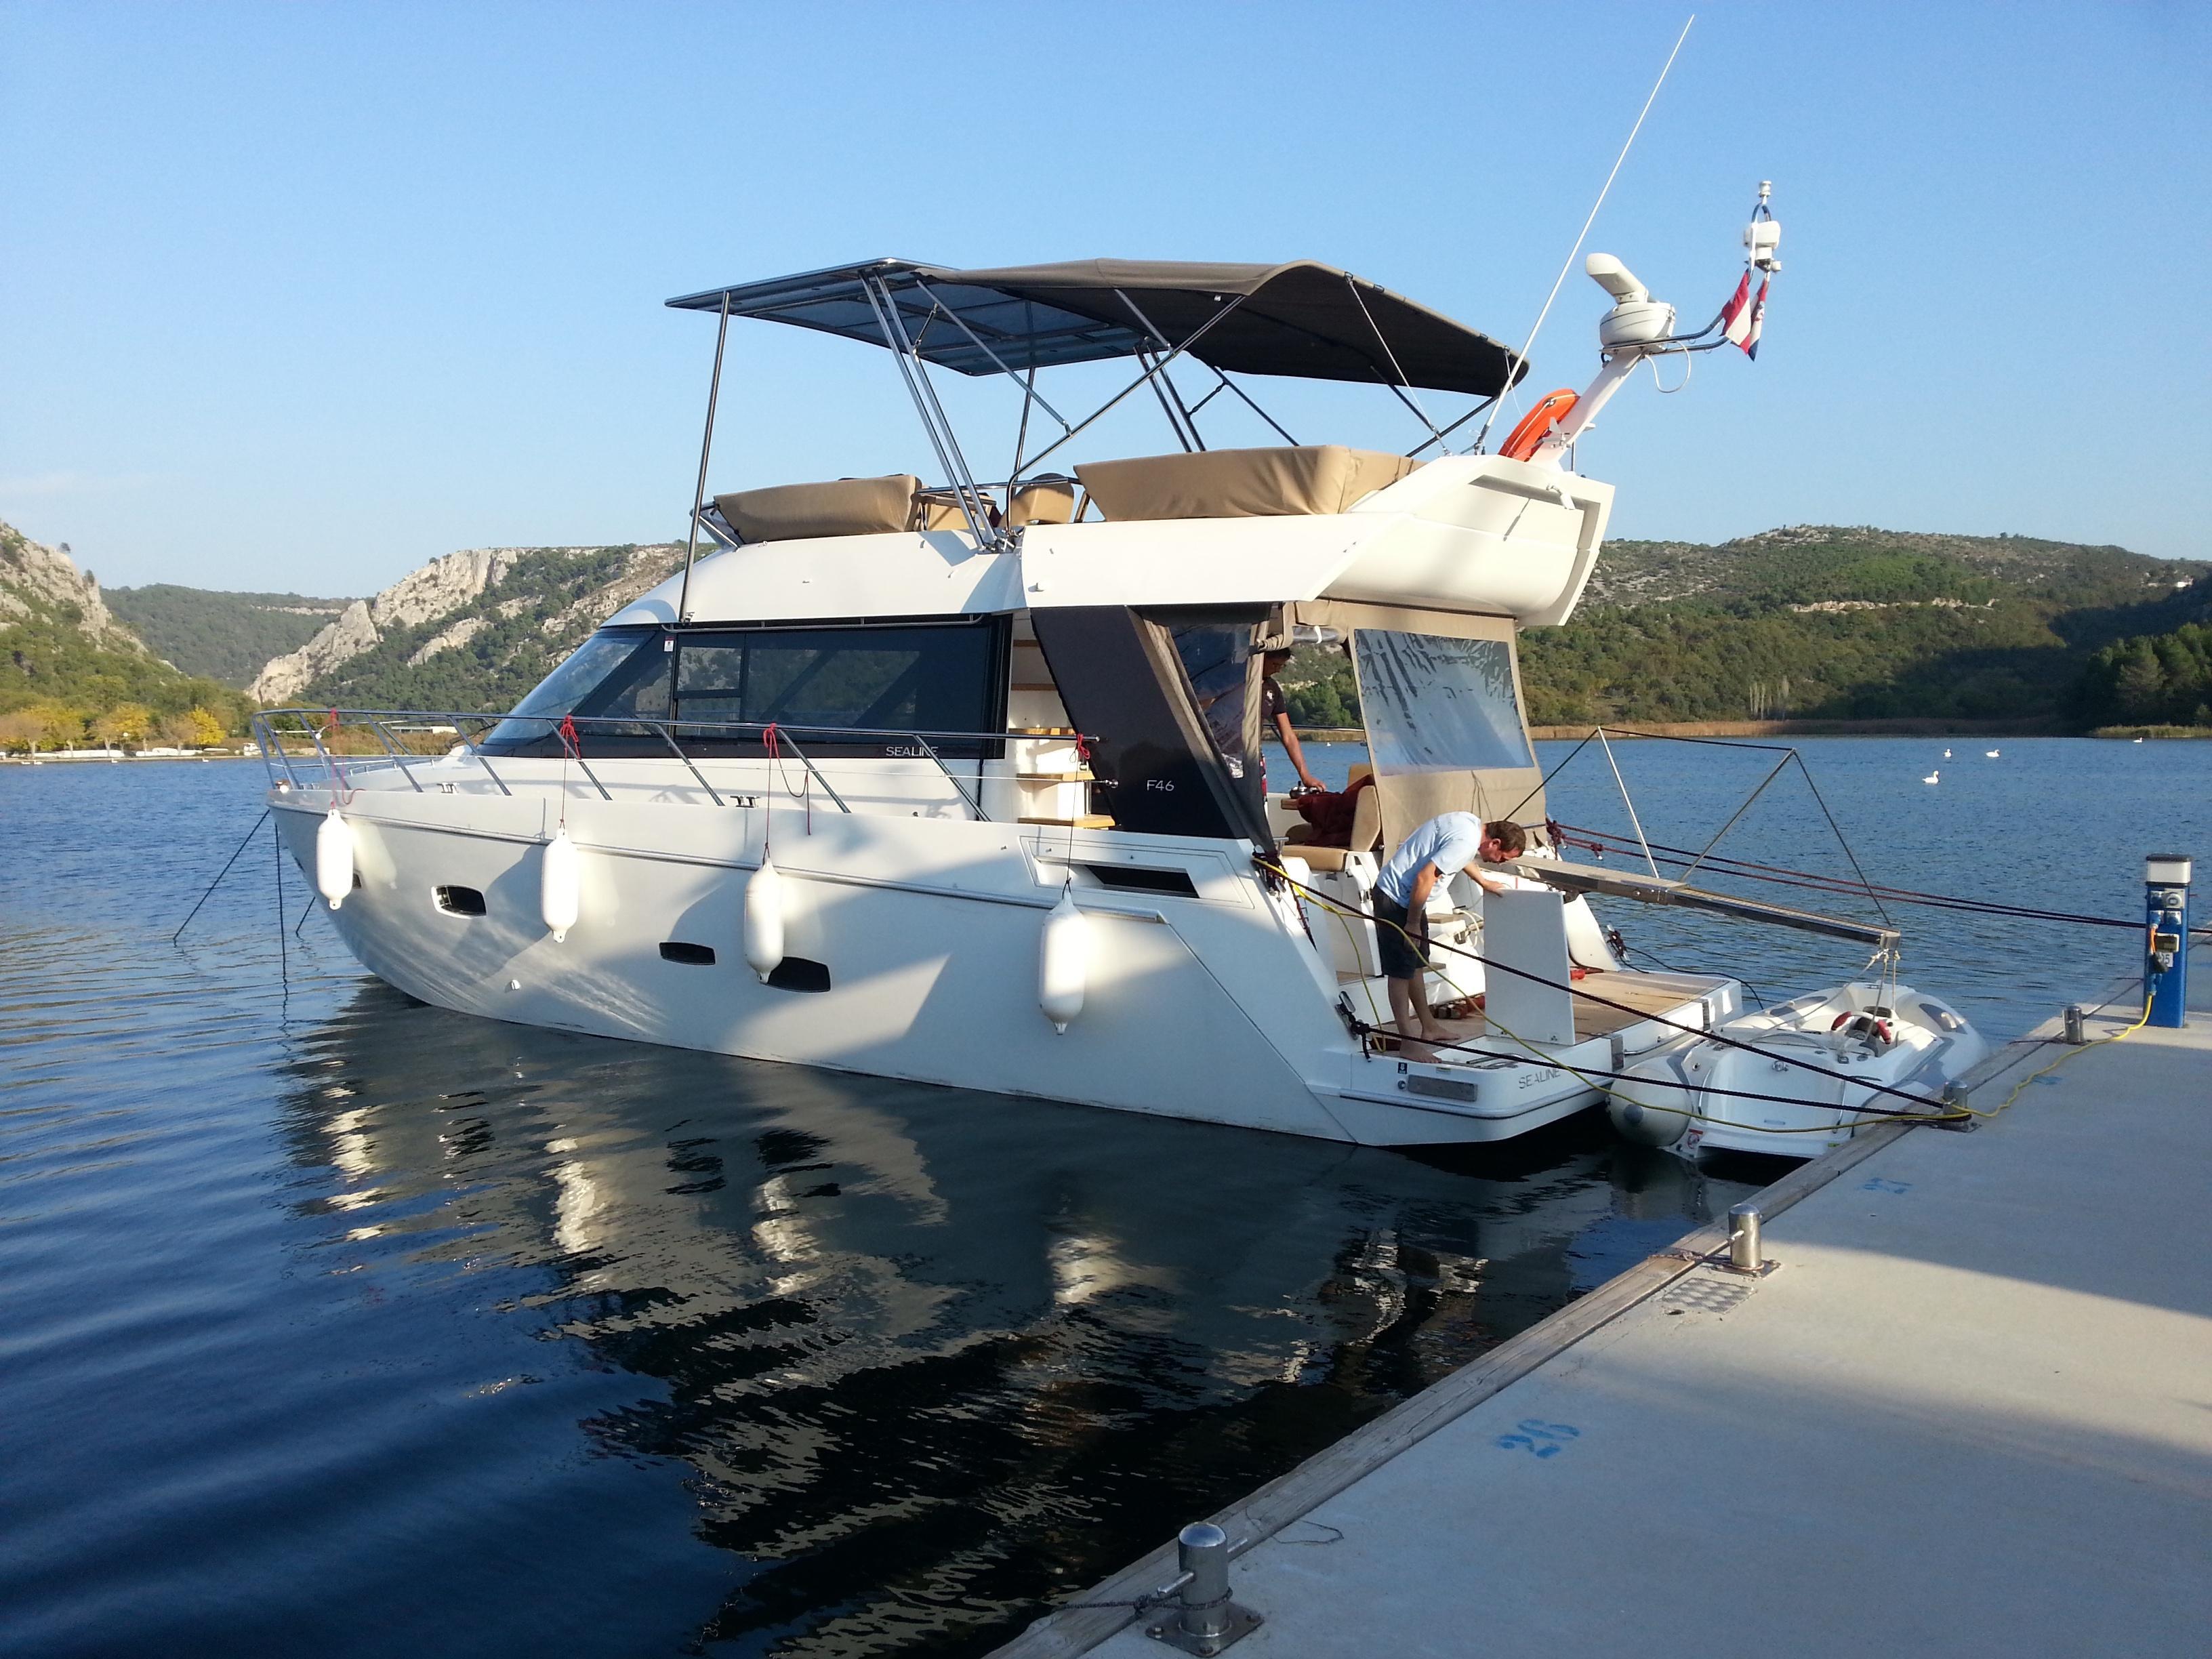 Sealine F 46 Yachting 2000